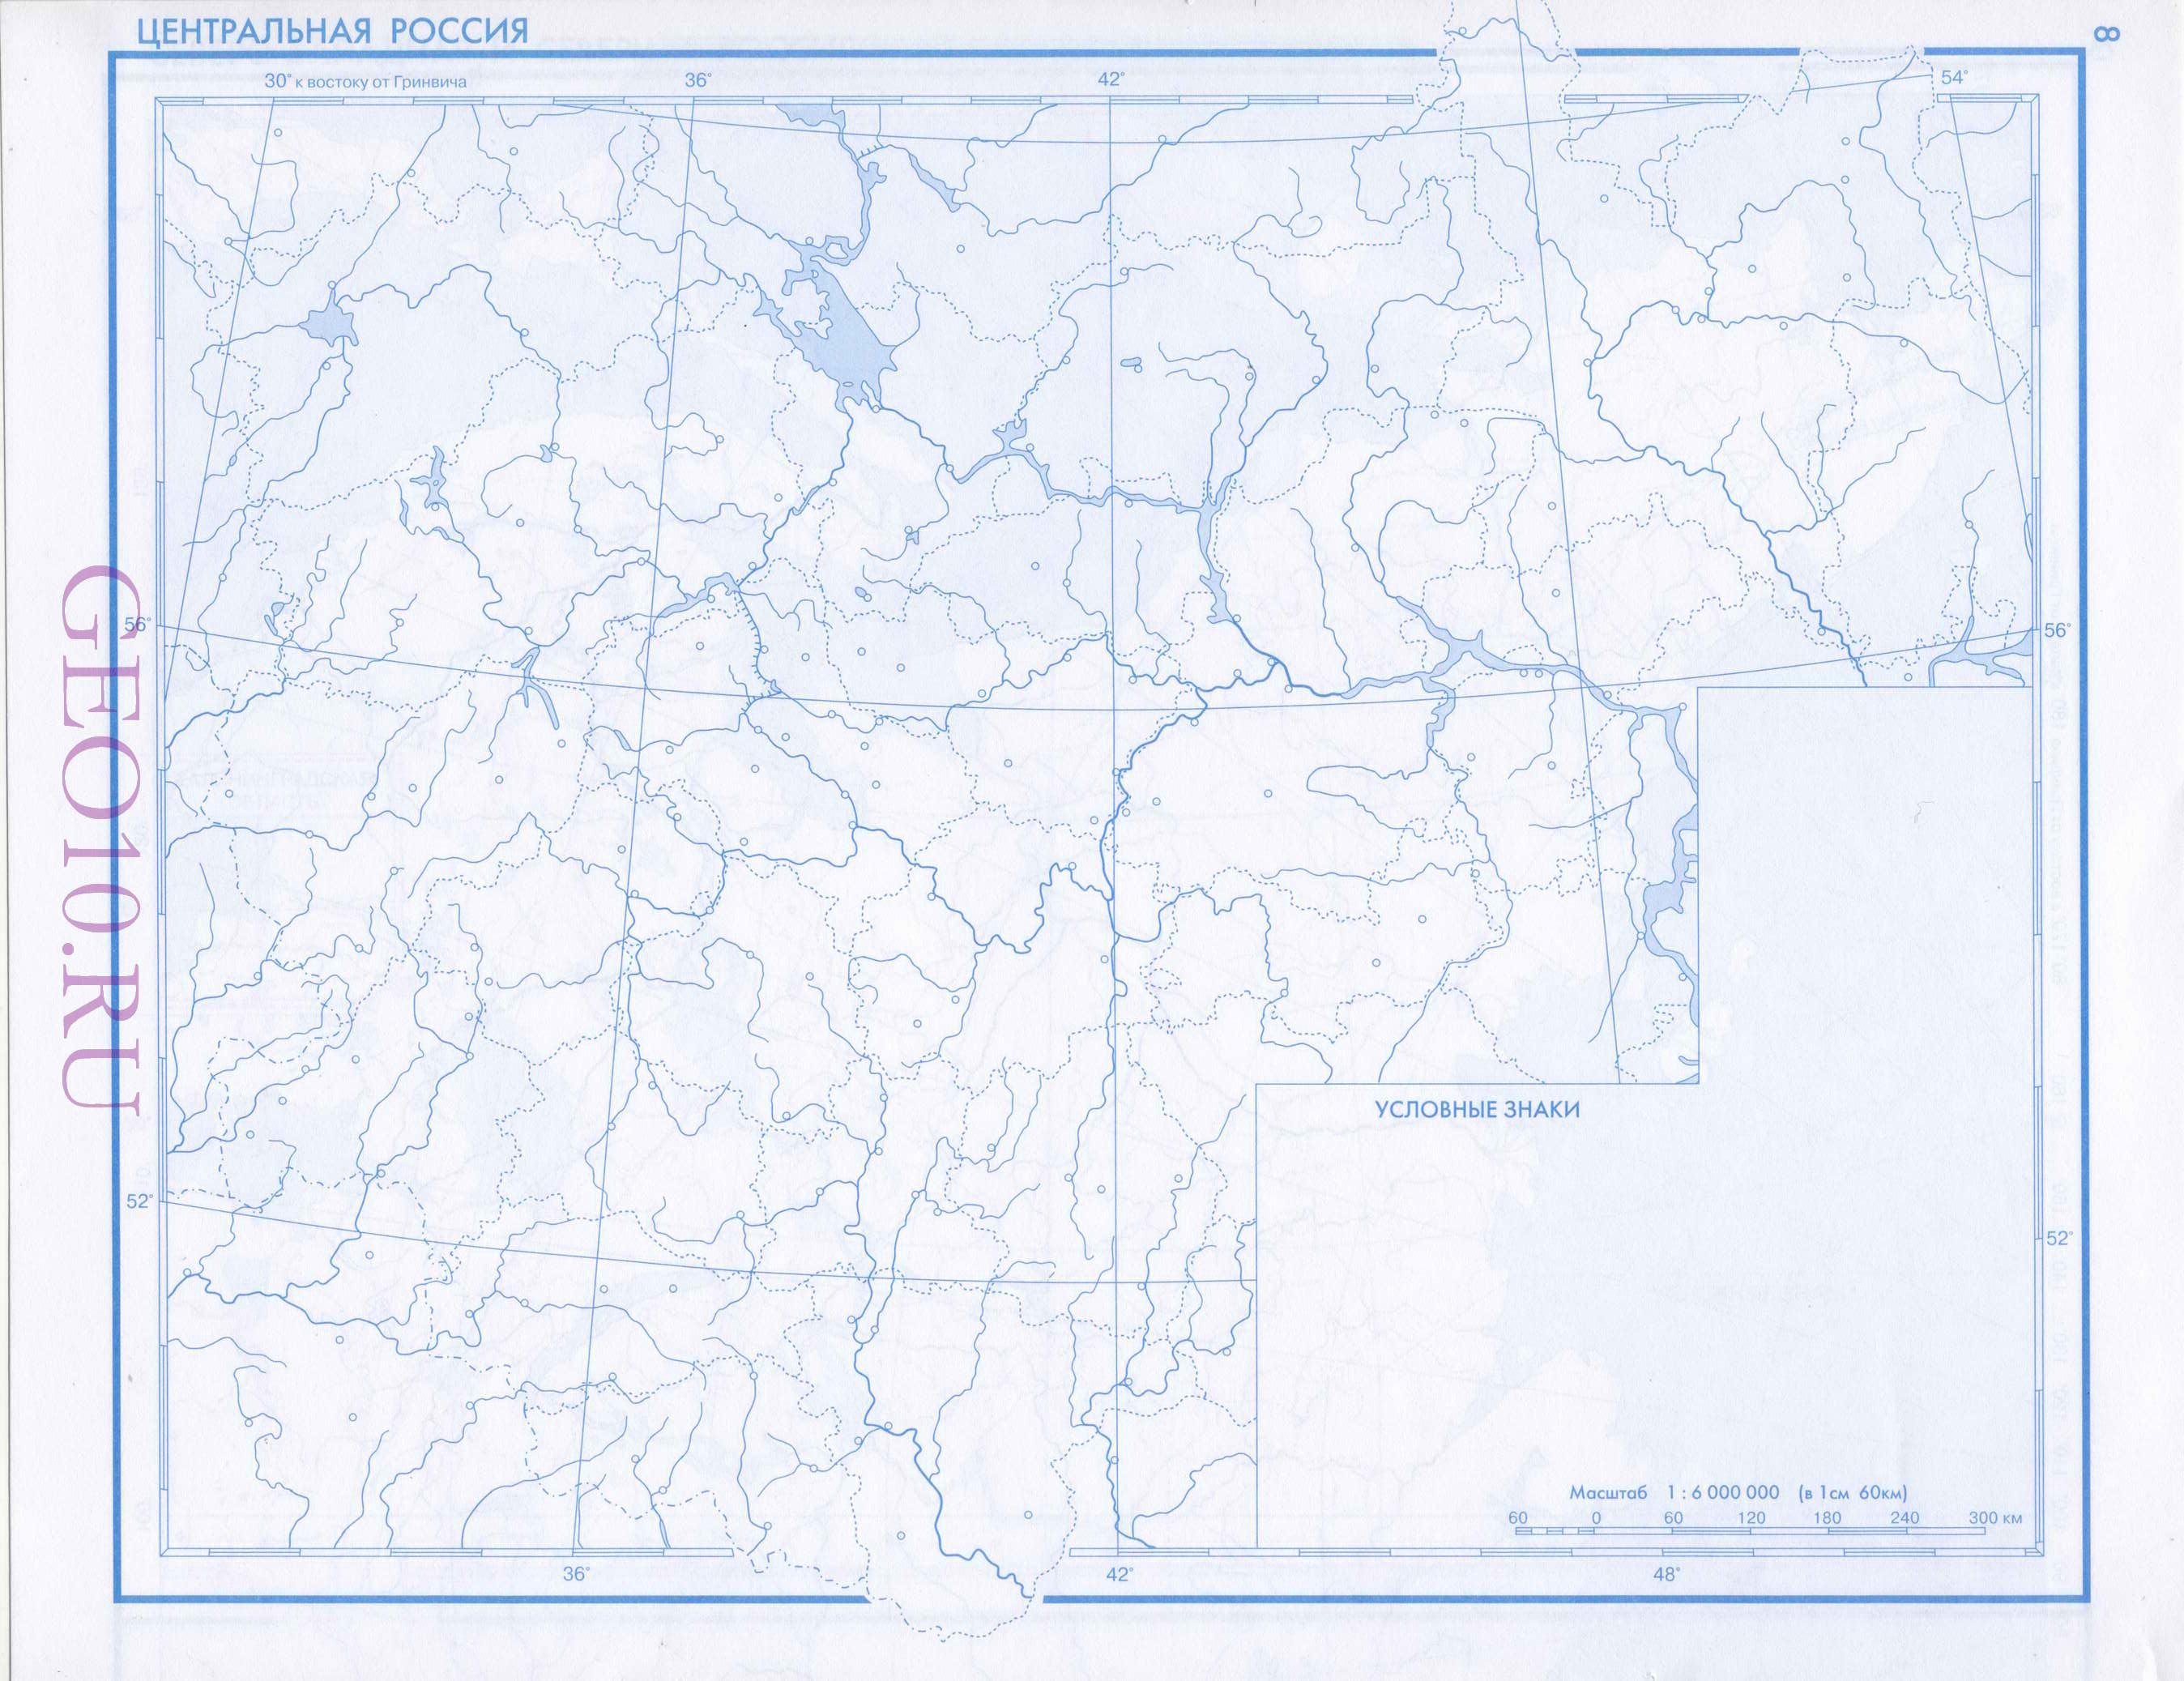 Гдз контурные карты по географии 9 класс центральная россия